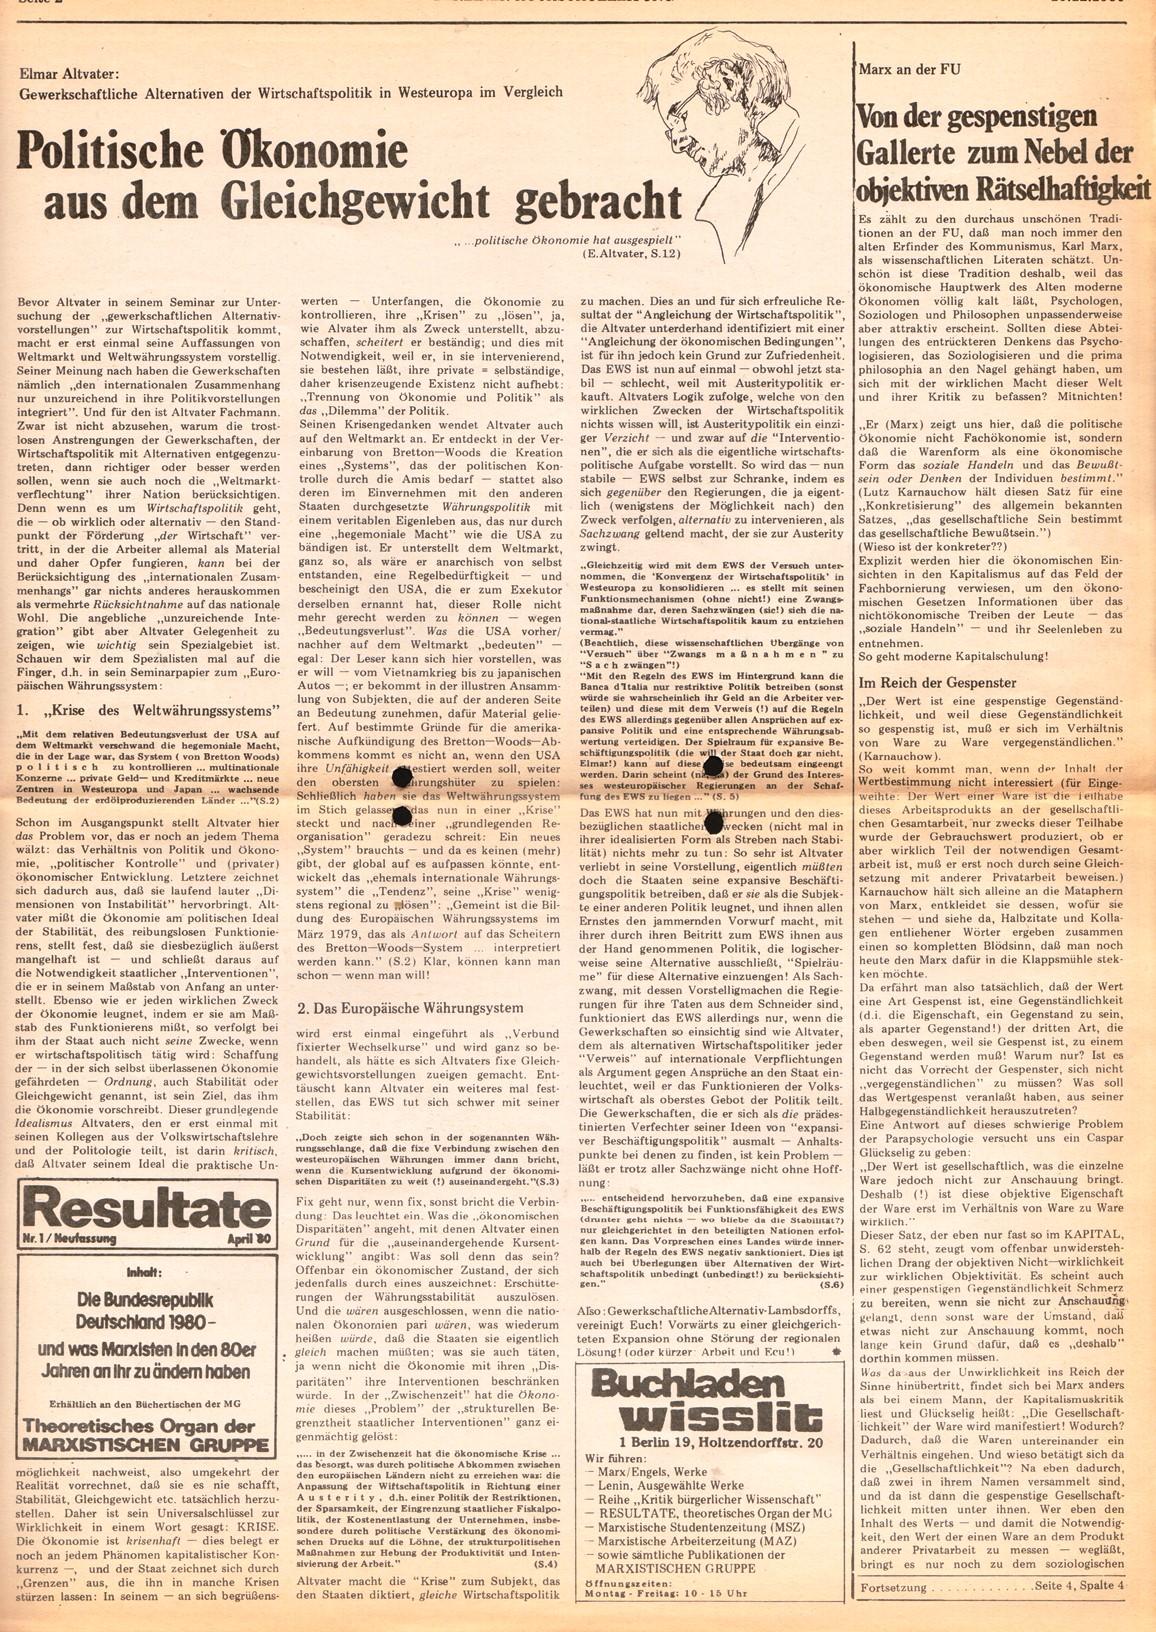 Berlin_MG_Hochschulzeitung_19801215_02